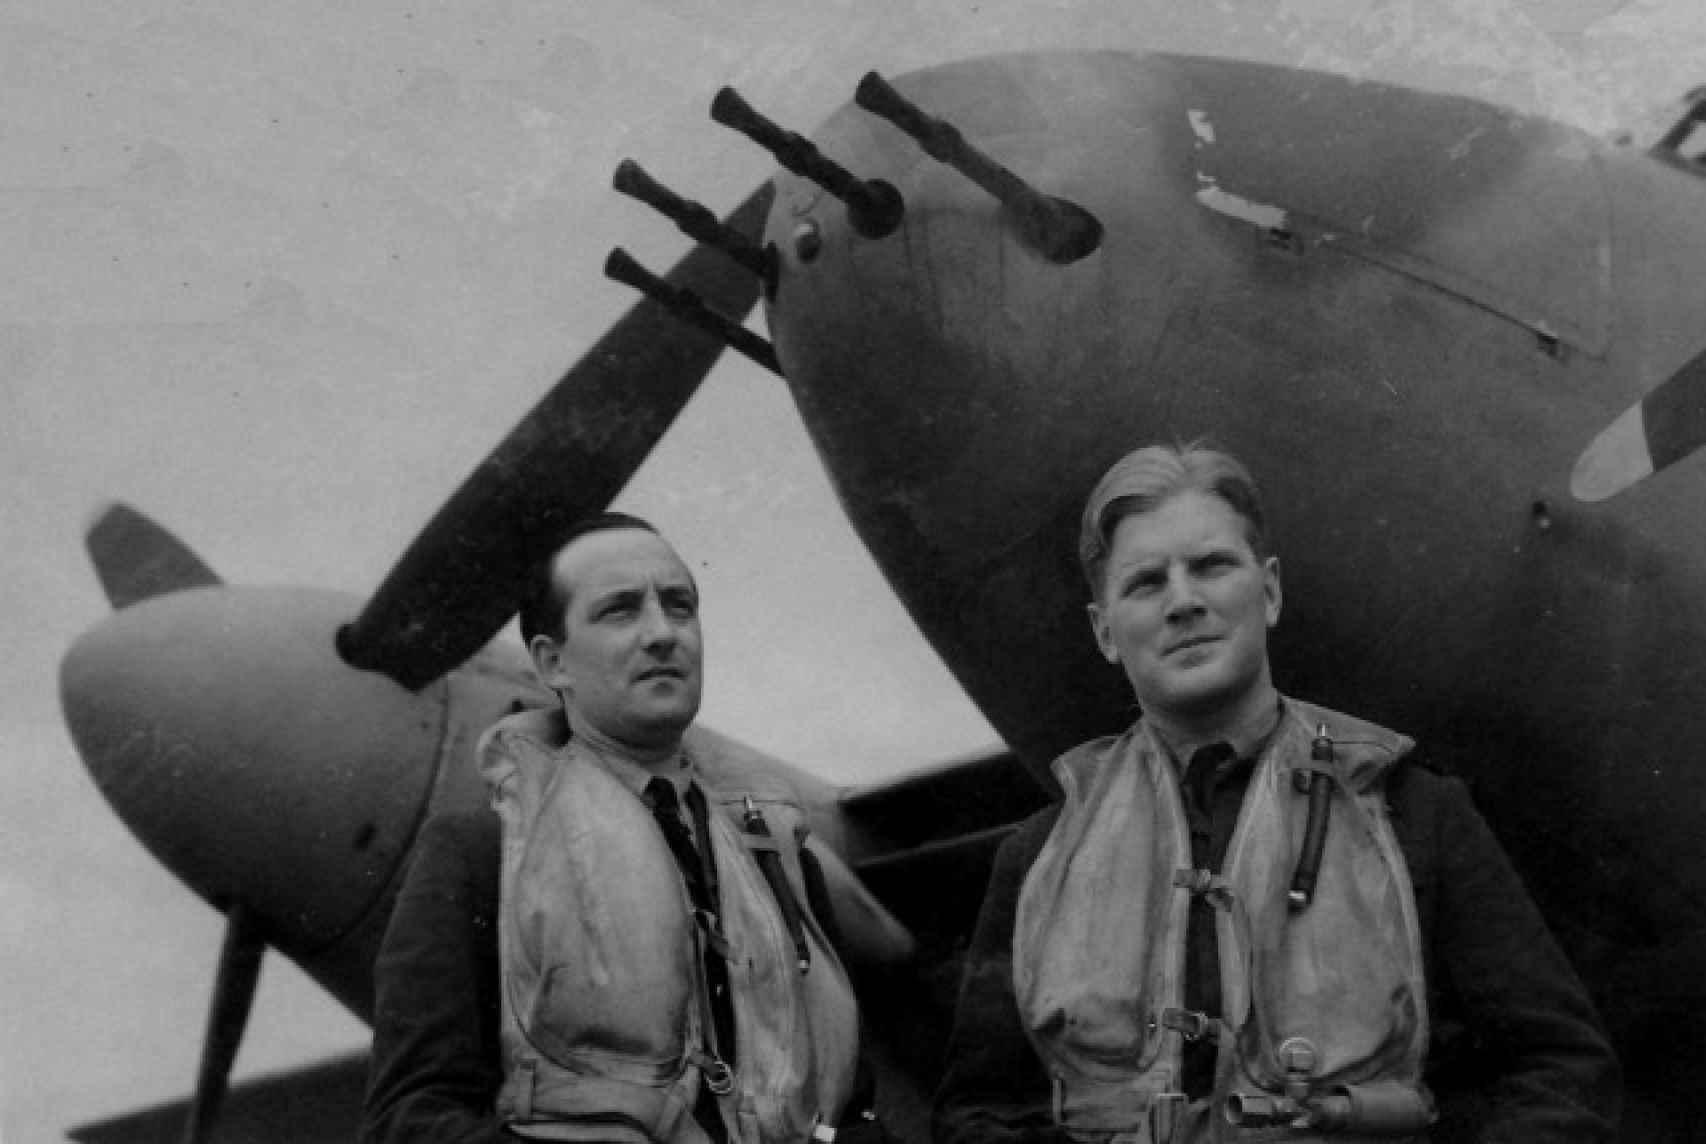 A la derecha, John Braham, el piloto de la RAF más condecorado de la II Guerra Mundial.